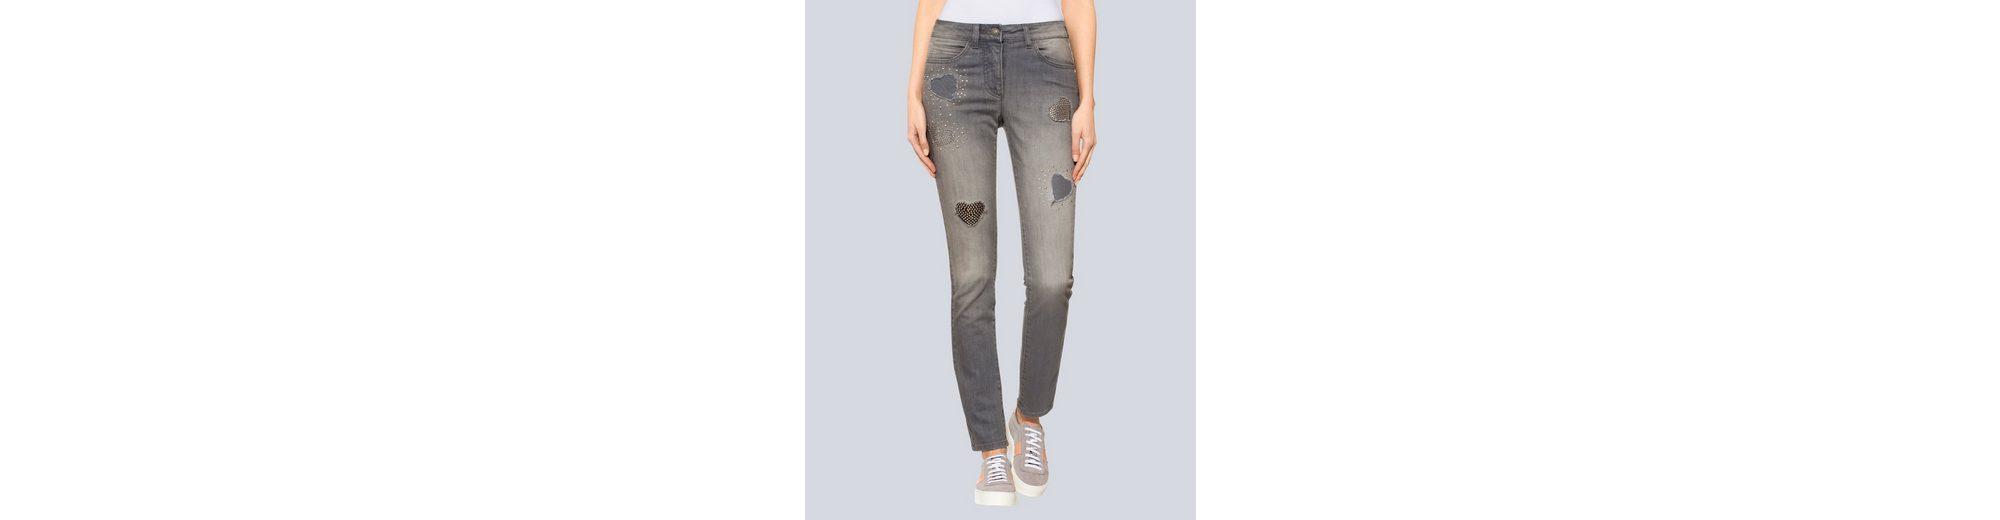 Alba Moda Jeans mit Herzen Spielraum Großer Rabatt Verkauf Billig Billig Verkaufen Neu b4Mlh